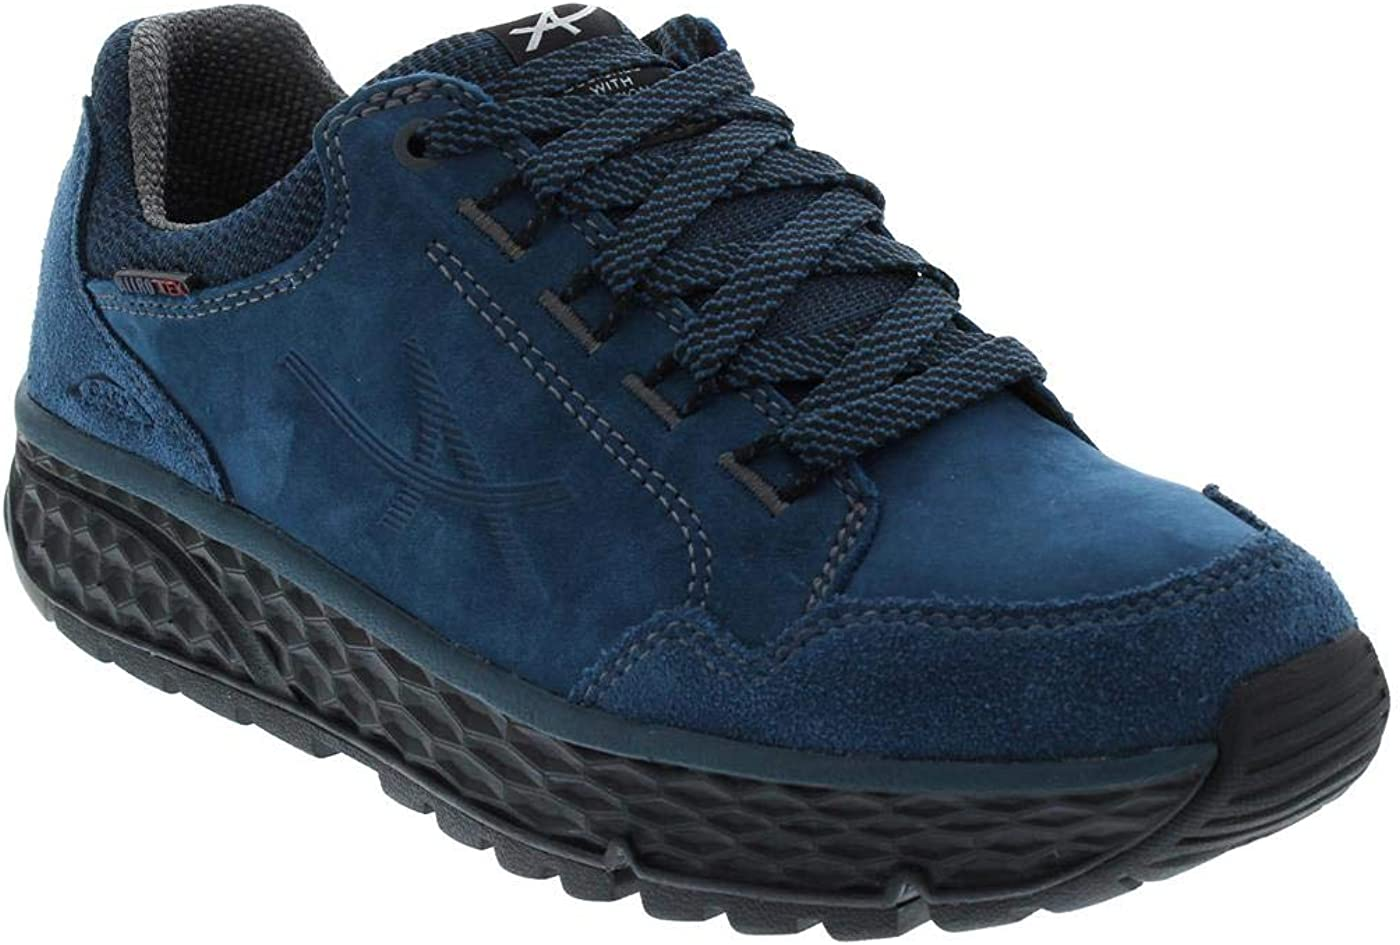 Flache Schuhe Sommer Atmungsaktive Schuhe XFentech Frauen Slipper Loafer